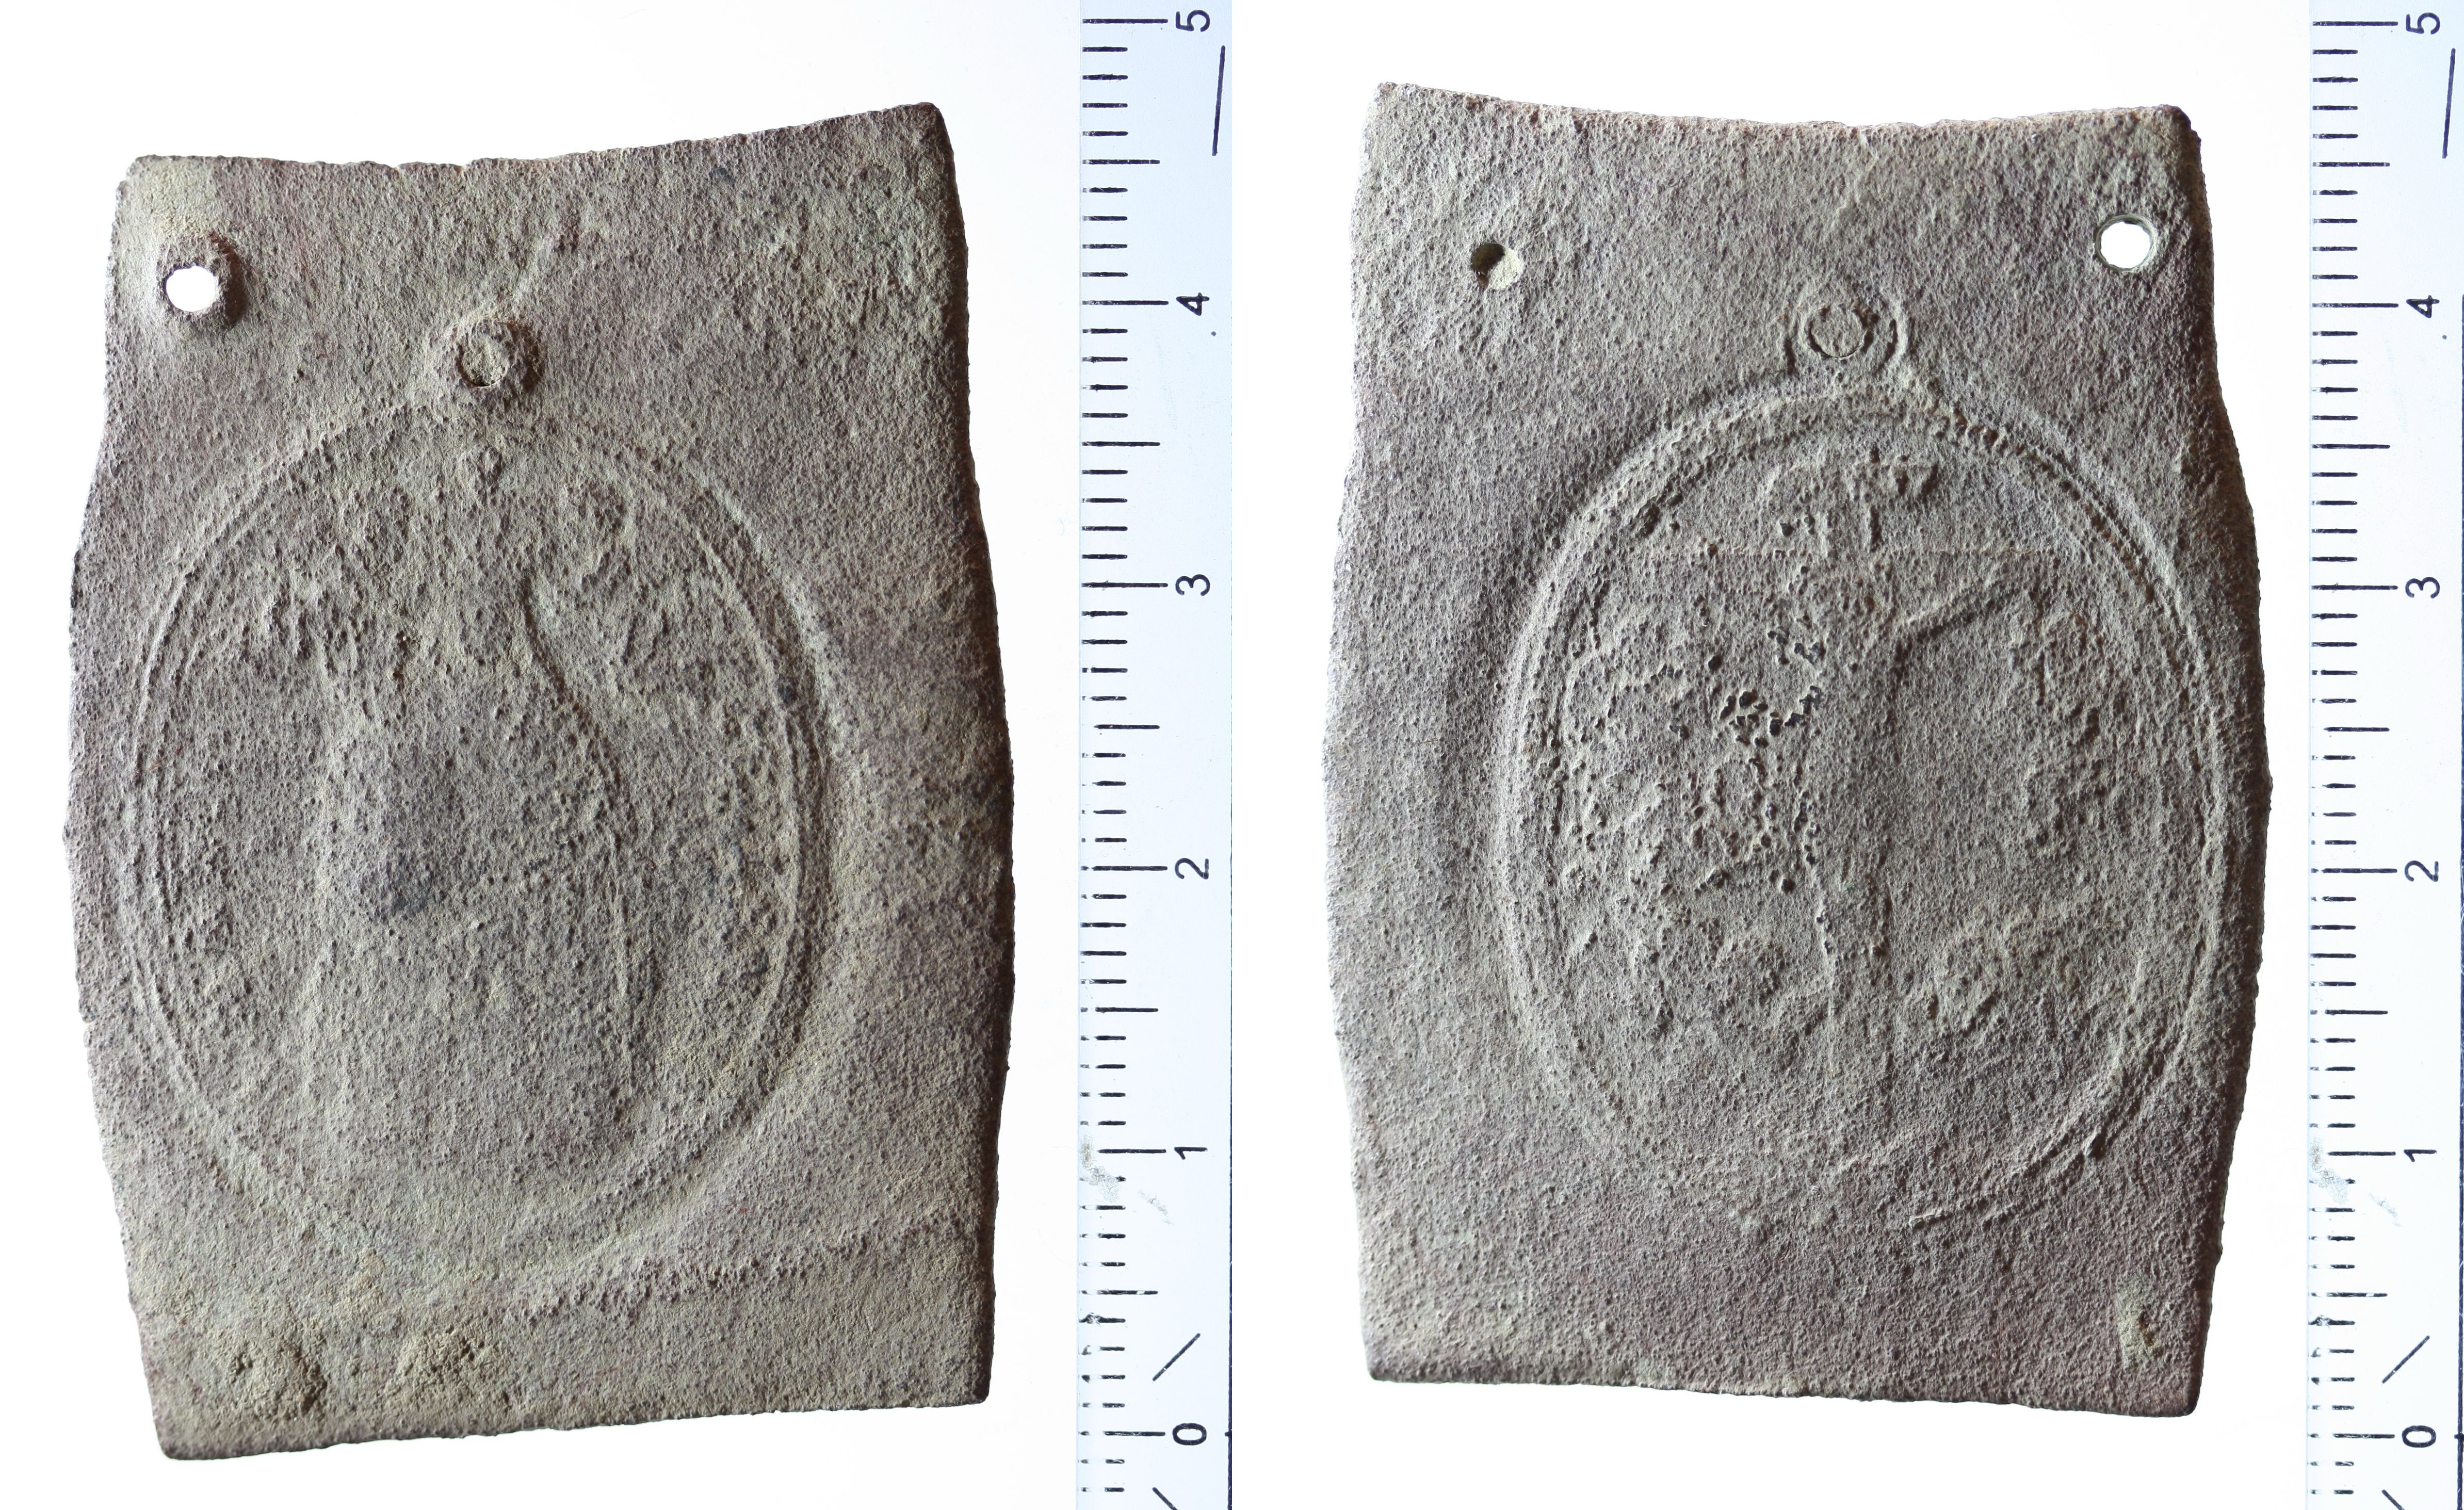 Medaille Maria Zell, unfertiges Werkstück